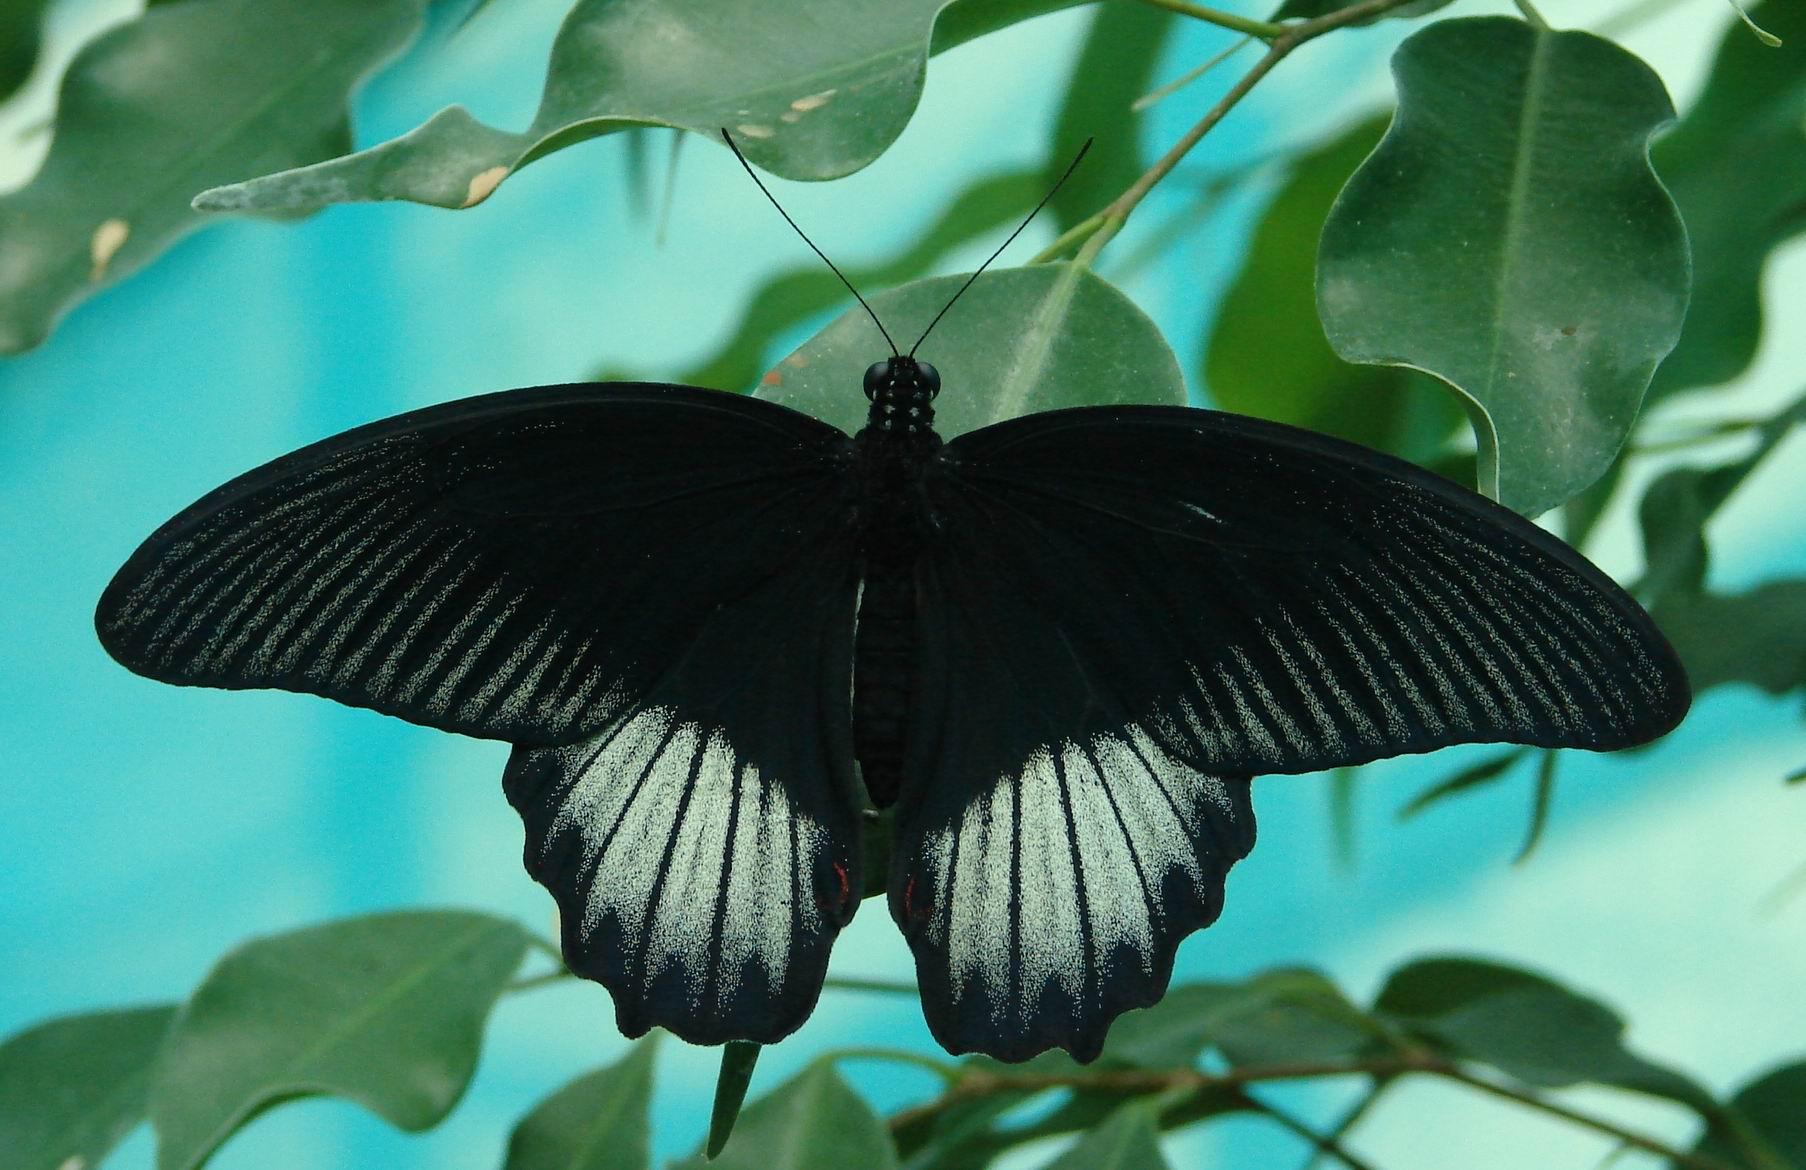 Бабочка подалирий: описание, жизненный цикл, места обитания. парусник махаон